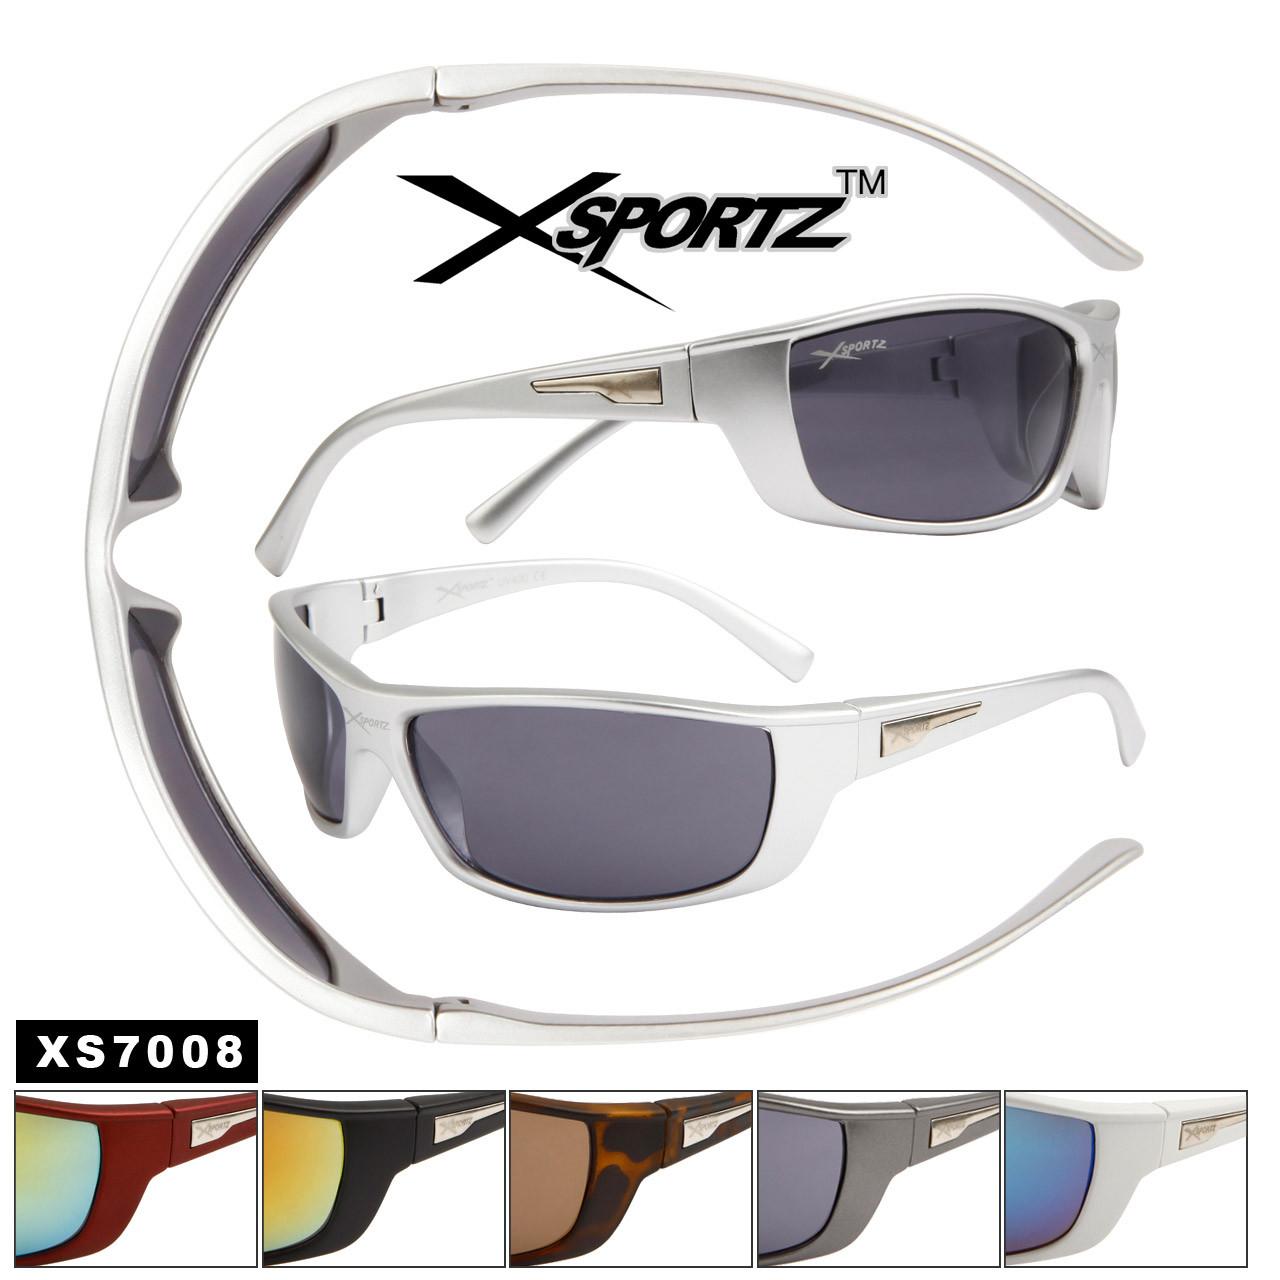 Wholesale Sport Sunglasses for Men XS7008